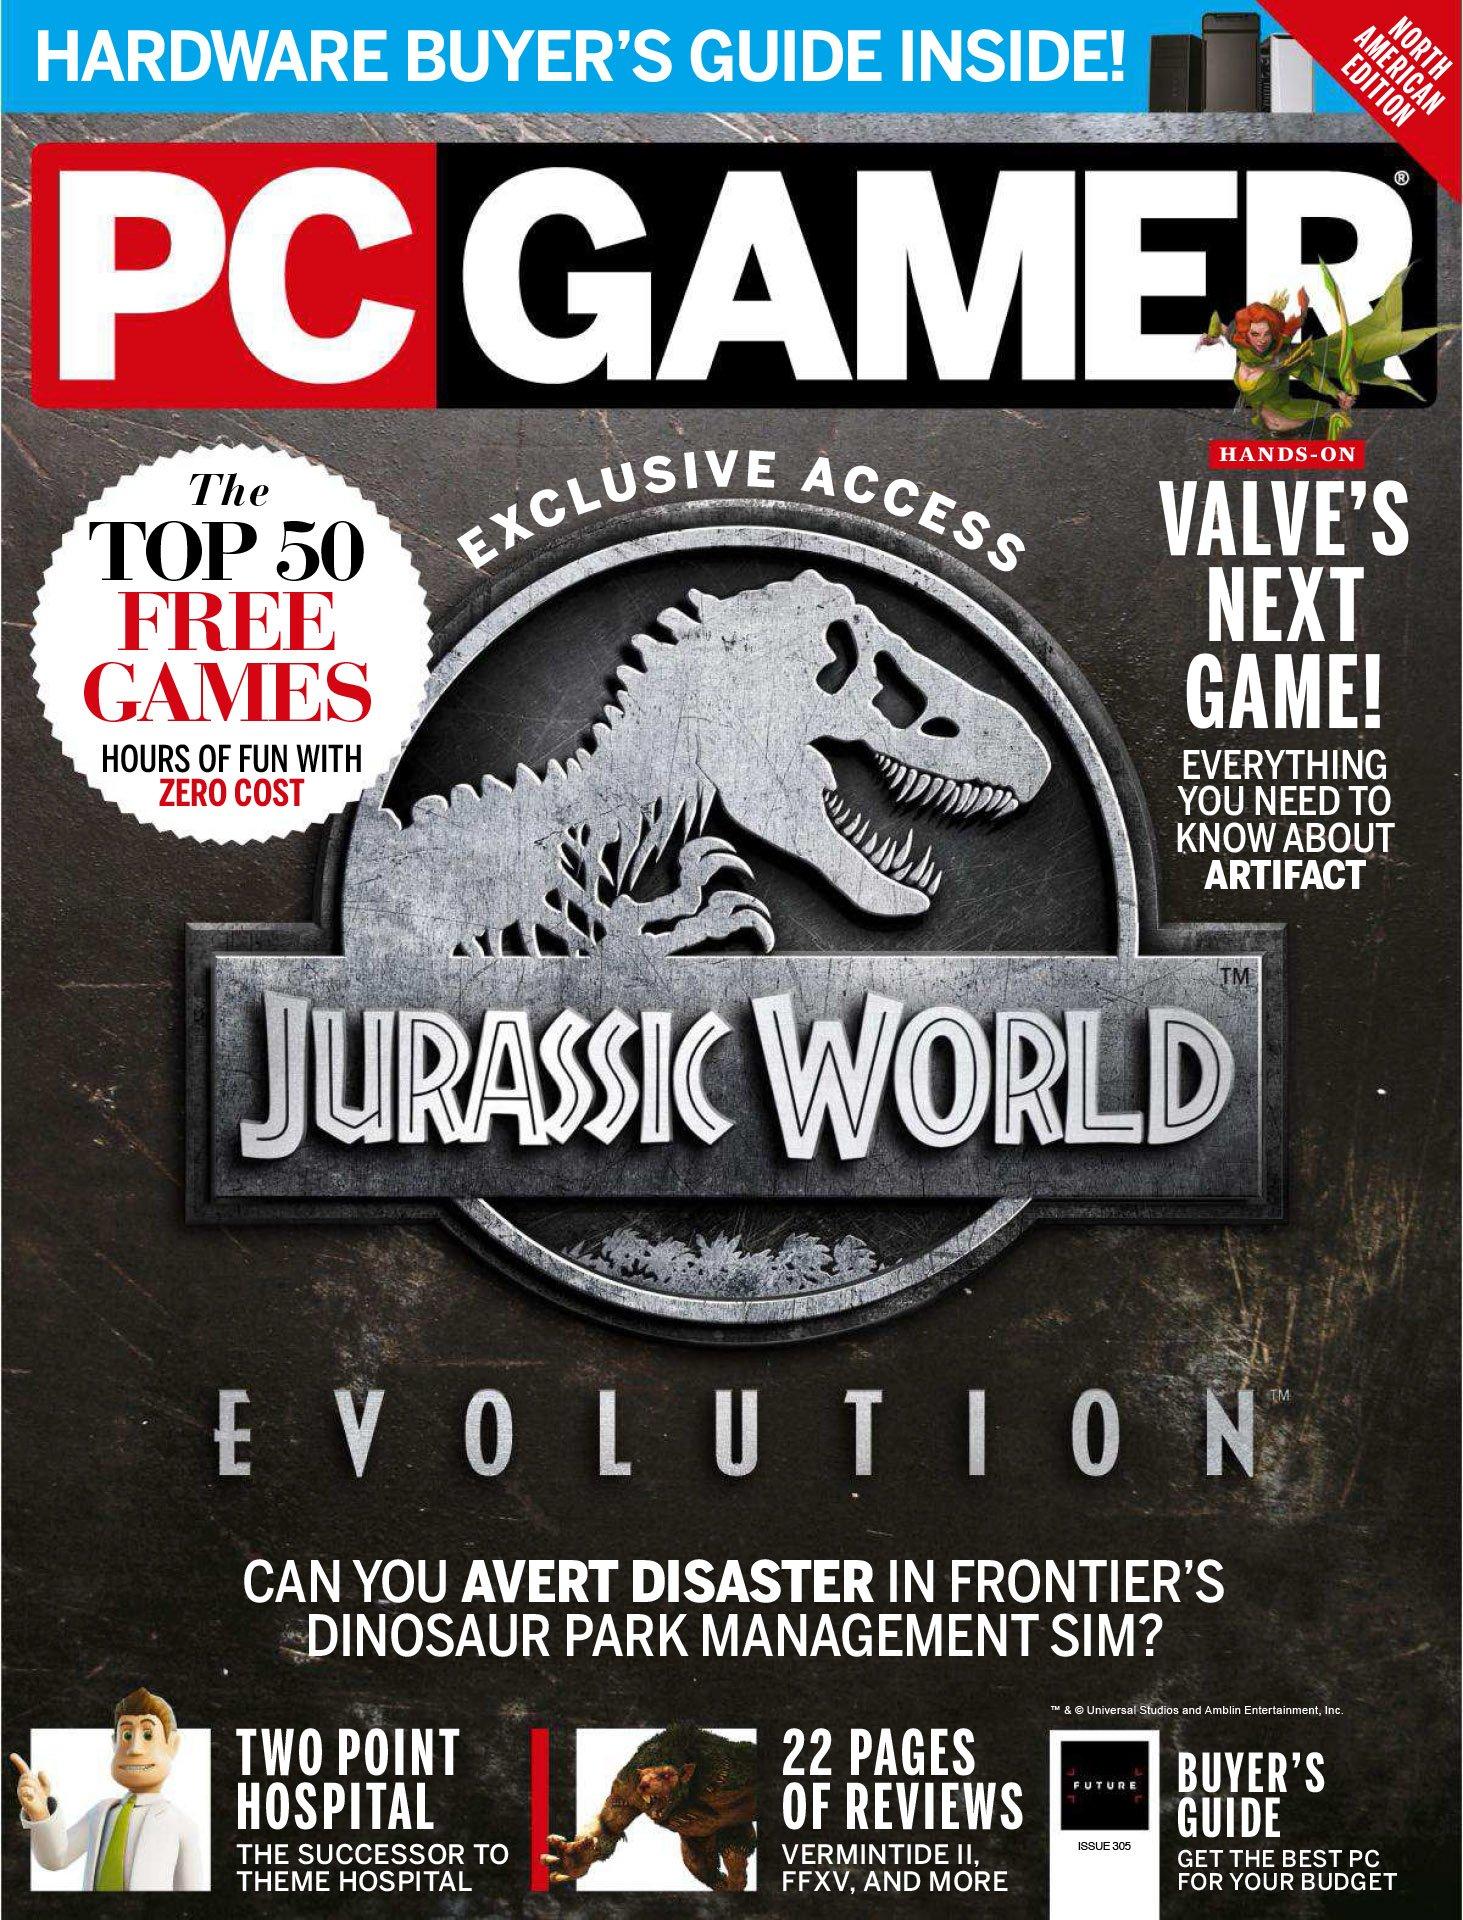 PC Gamer Issue 305 (June 2018)